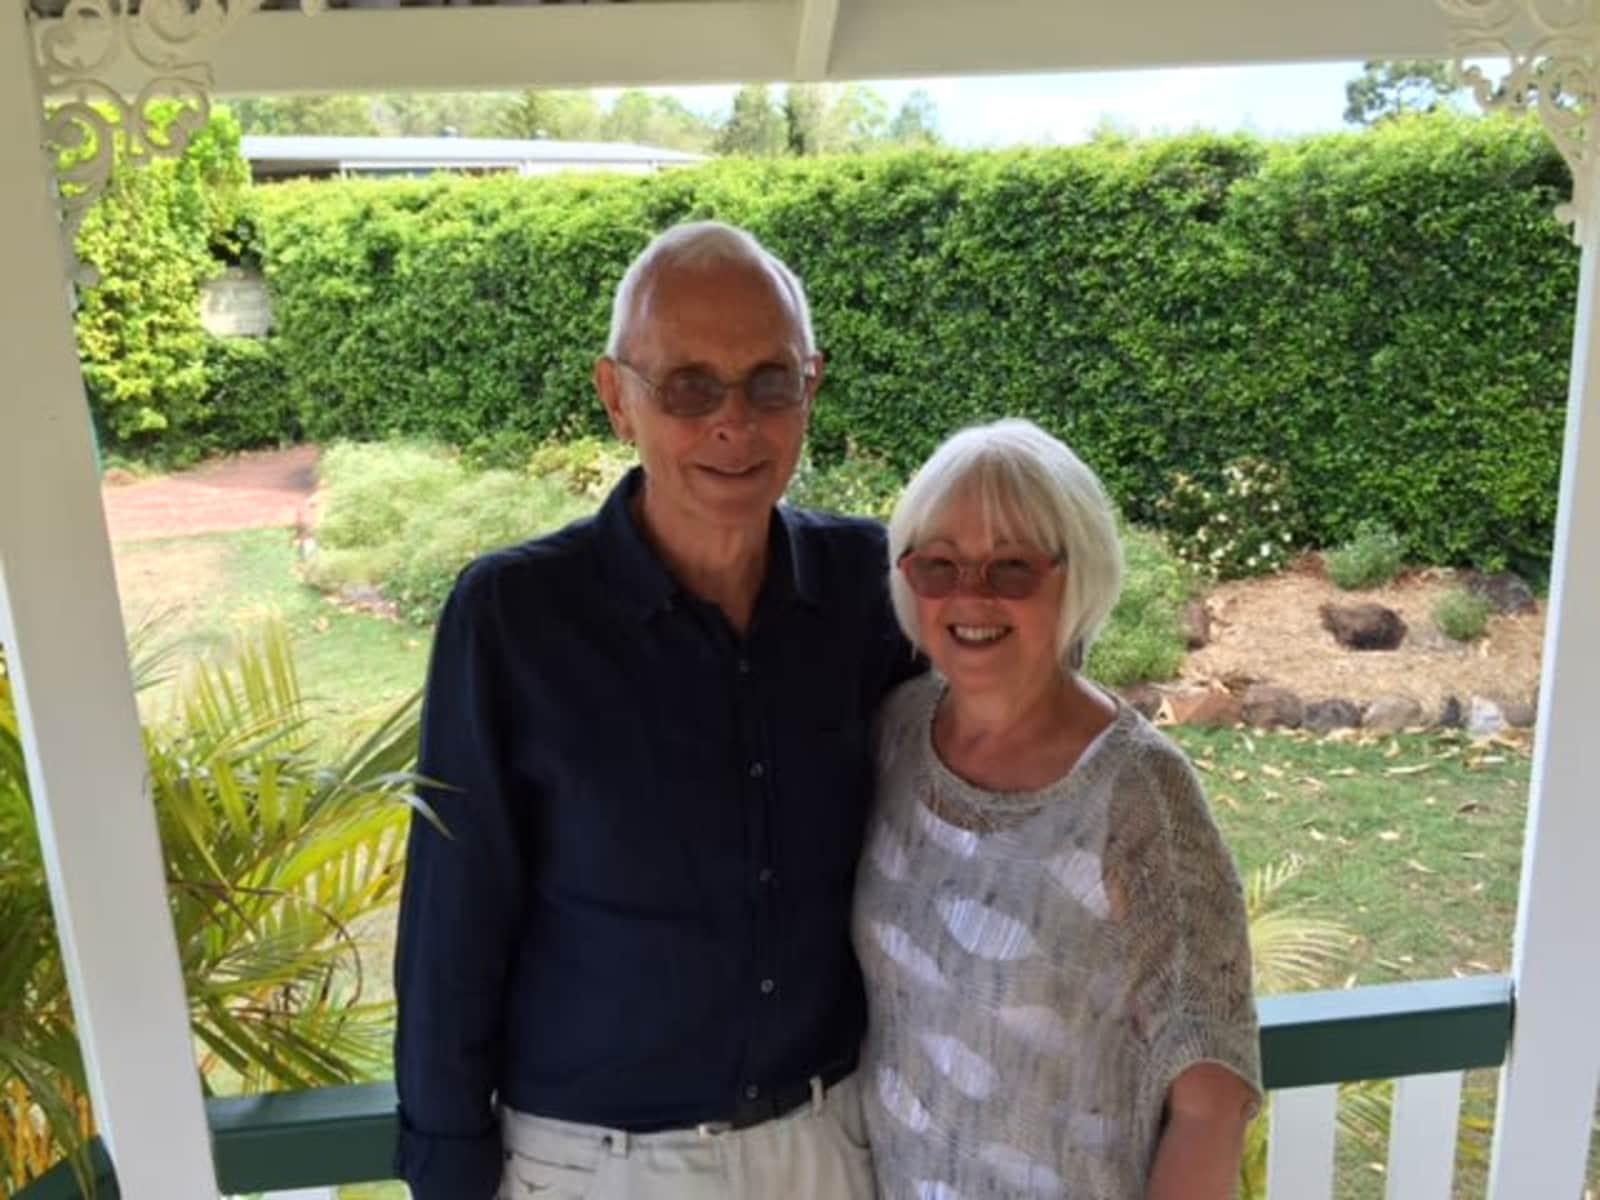 Bronwyn & Ian from Wentworth Falls, New South Wales, Australia